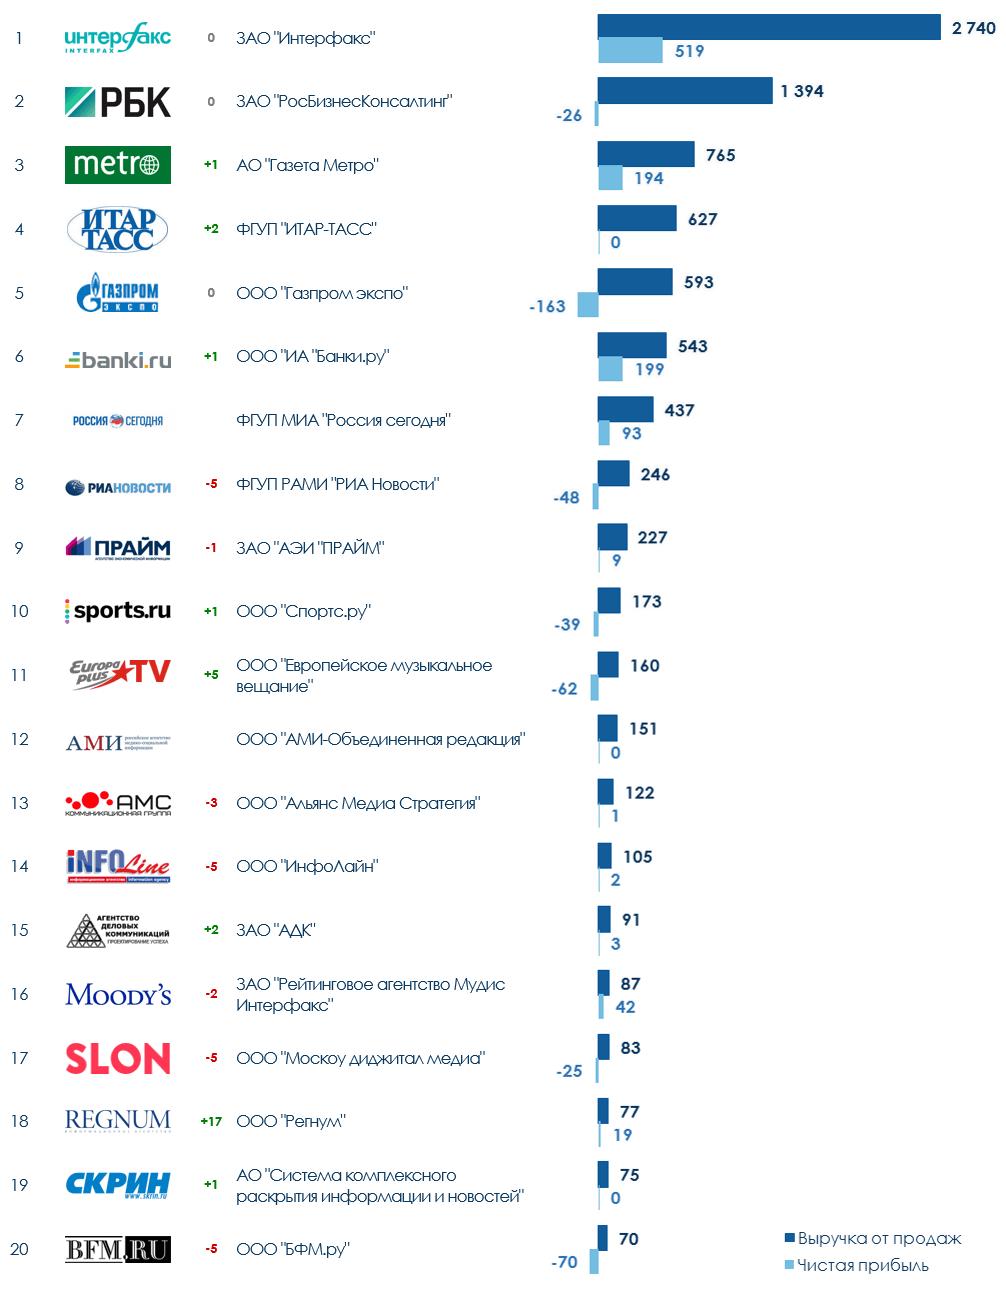 ТОП-20 информационных агентств России